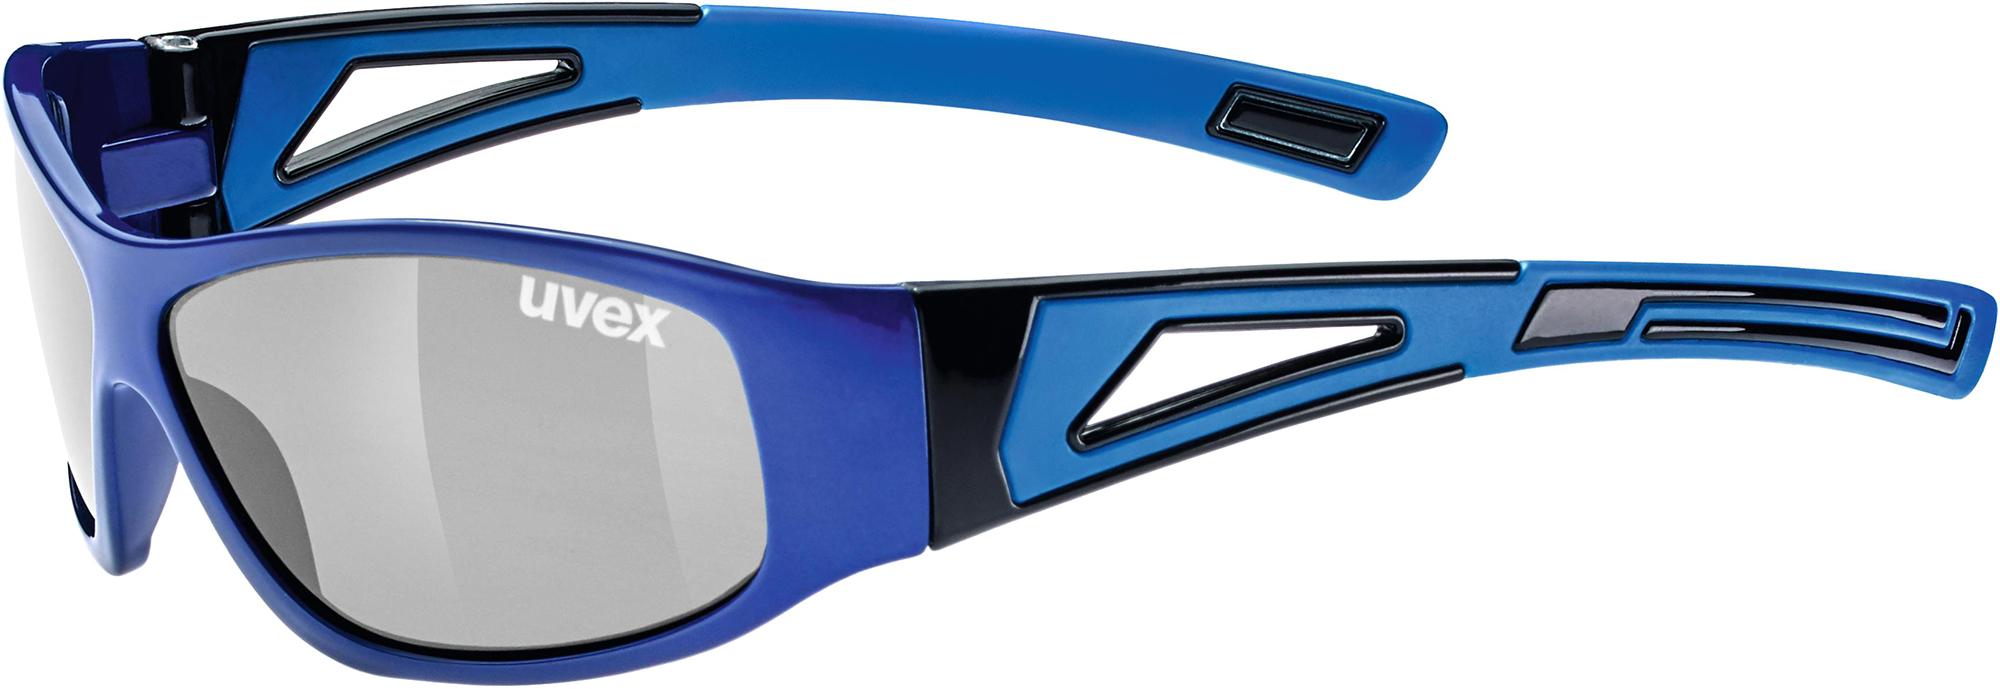 Фото - Uvex Солнцезащитные очки детские Uvex Sportstyle 509 cолнцезащитные очки real kids детские серф оранжевые 7surnor